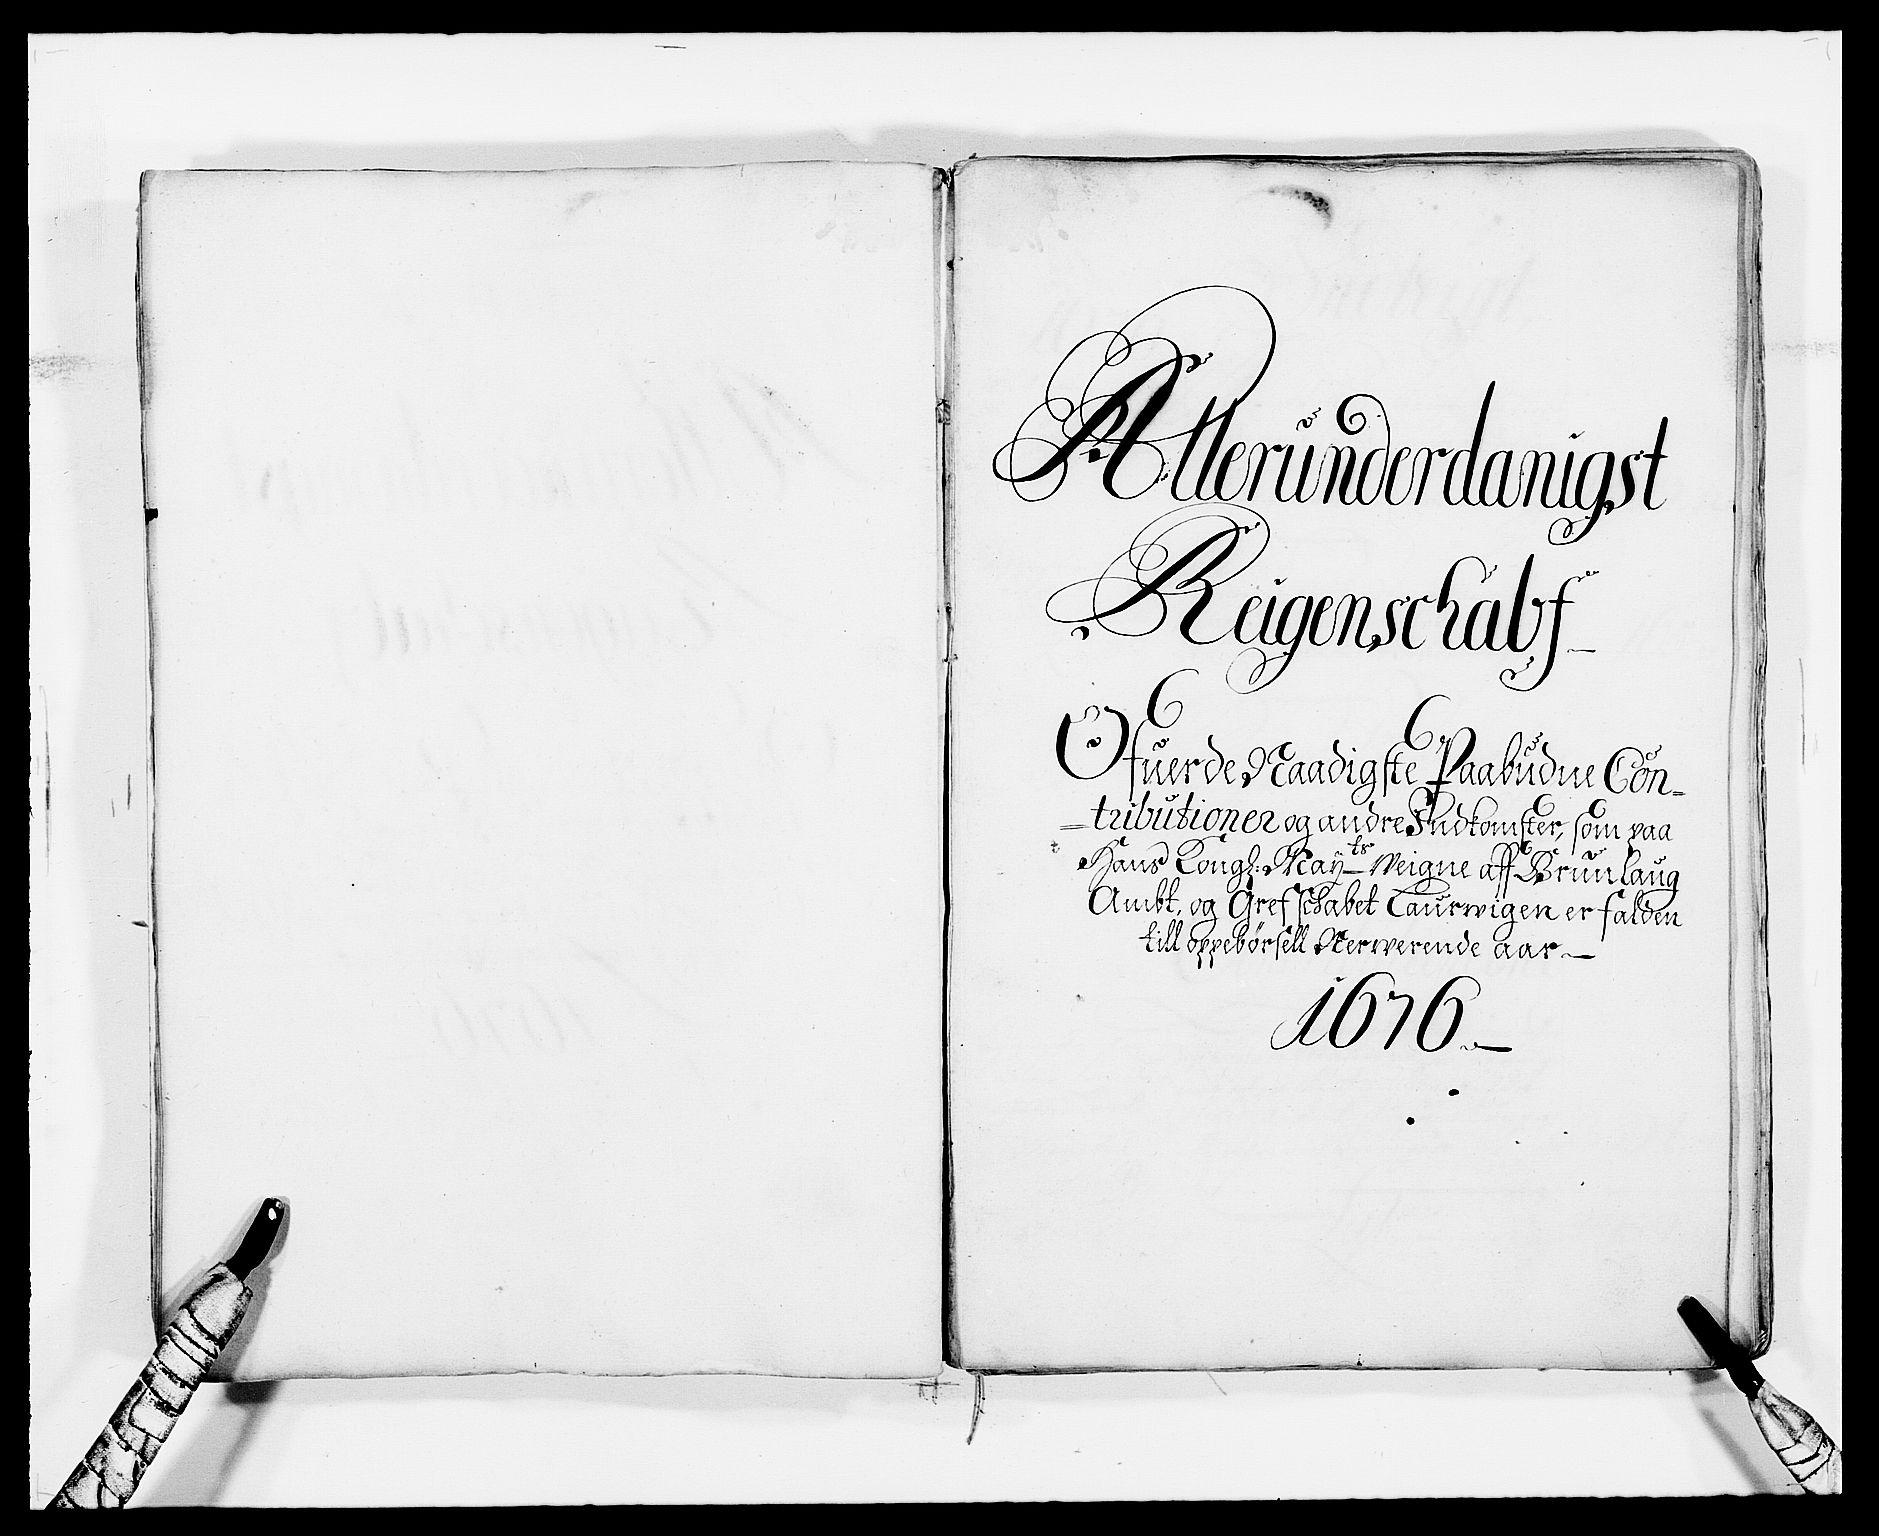 RA, Rentekammeret inntil 1814, Reviderte regnskaper, Fogderegnskap, R33/L1967: Fogderegnskap Larvik grevskap, 1675-1687, s. 10